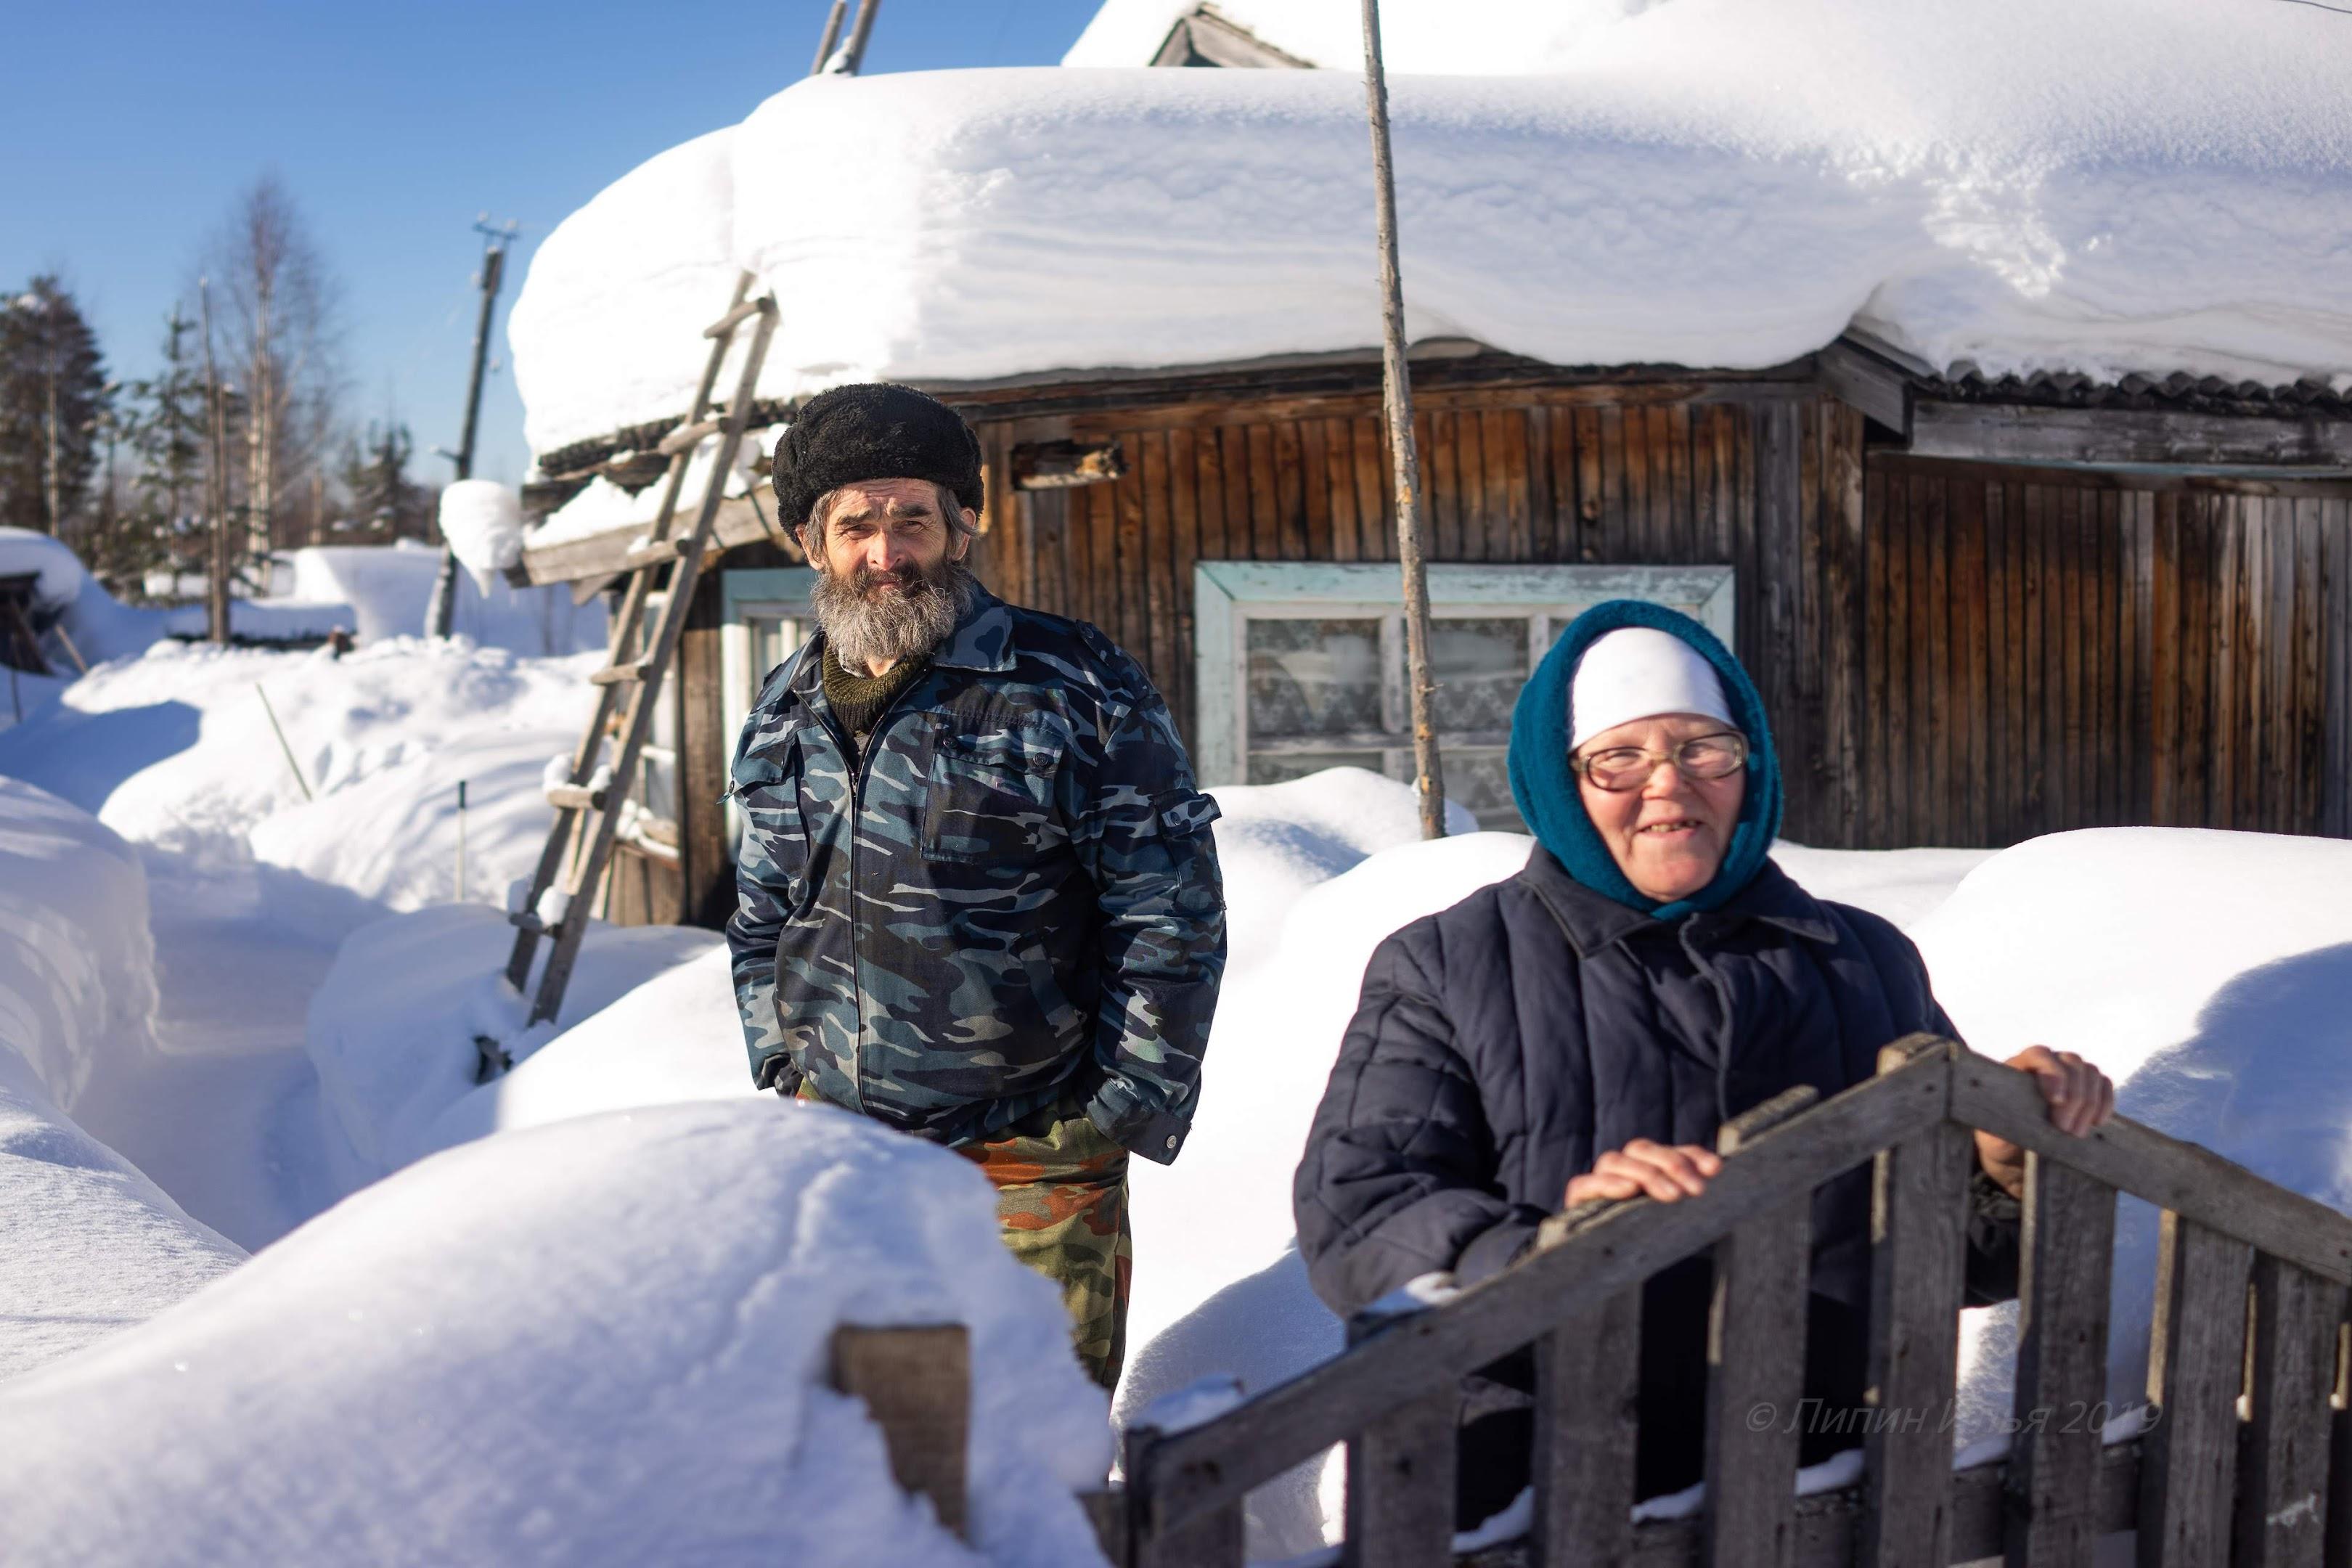 Иван Васильевич и Галина Петровна Сивухины. пенсионеры из деревни Русиново.